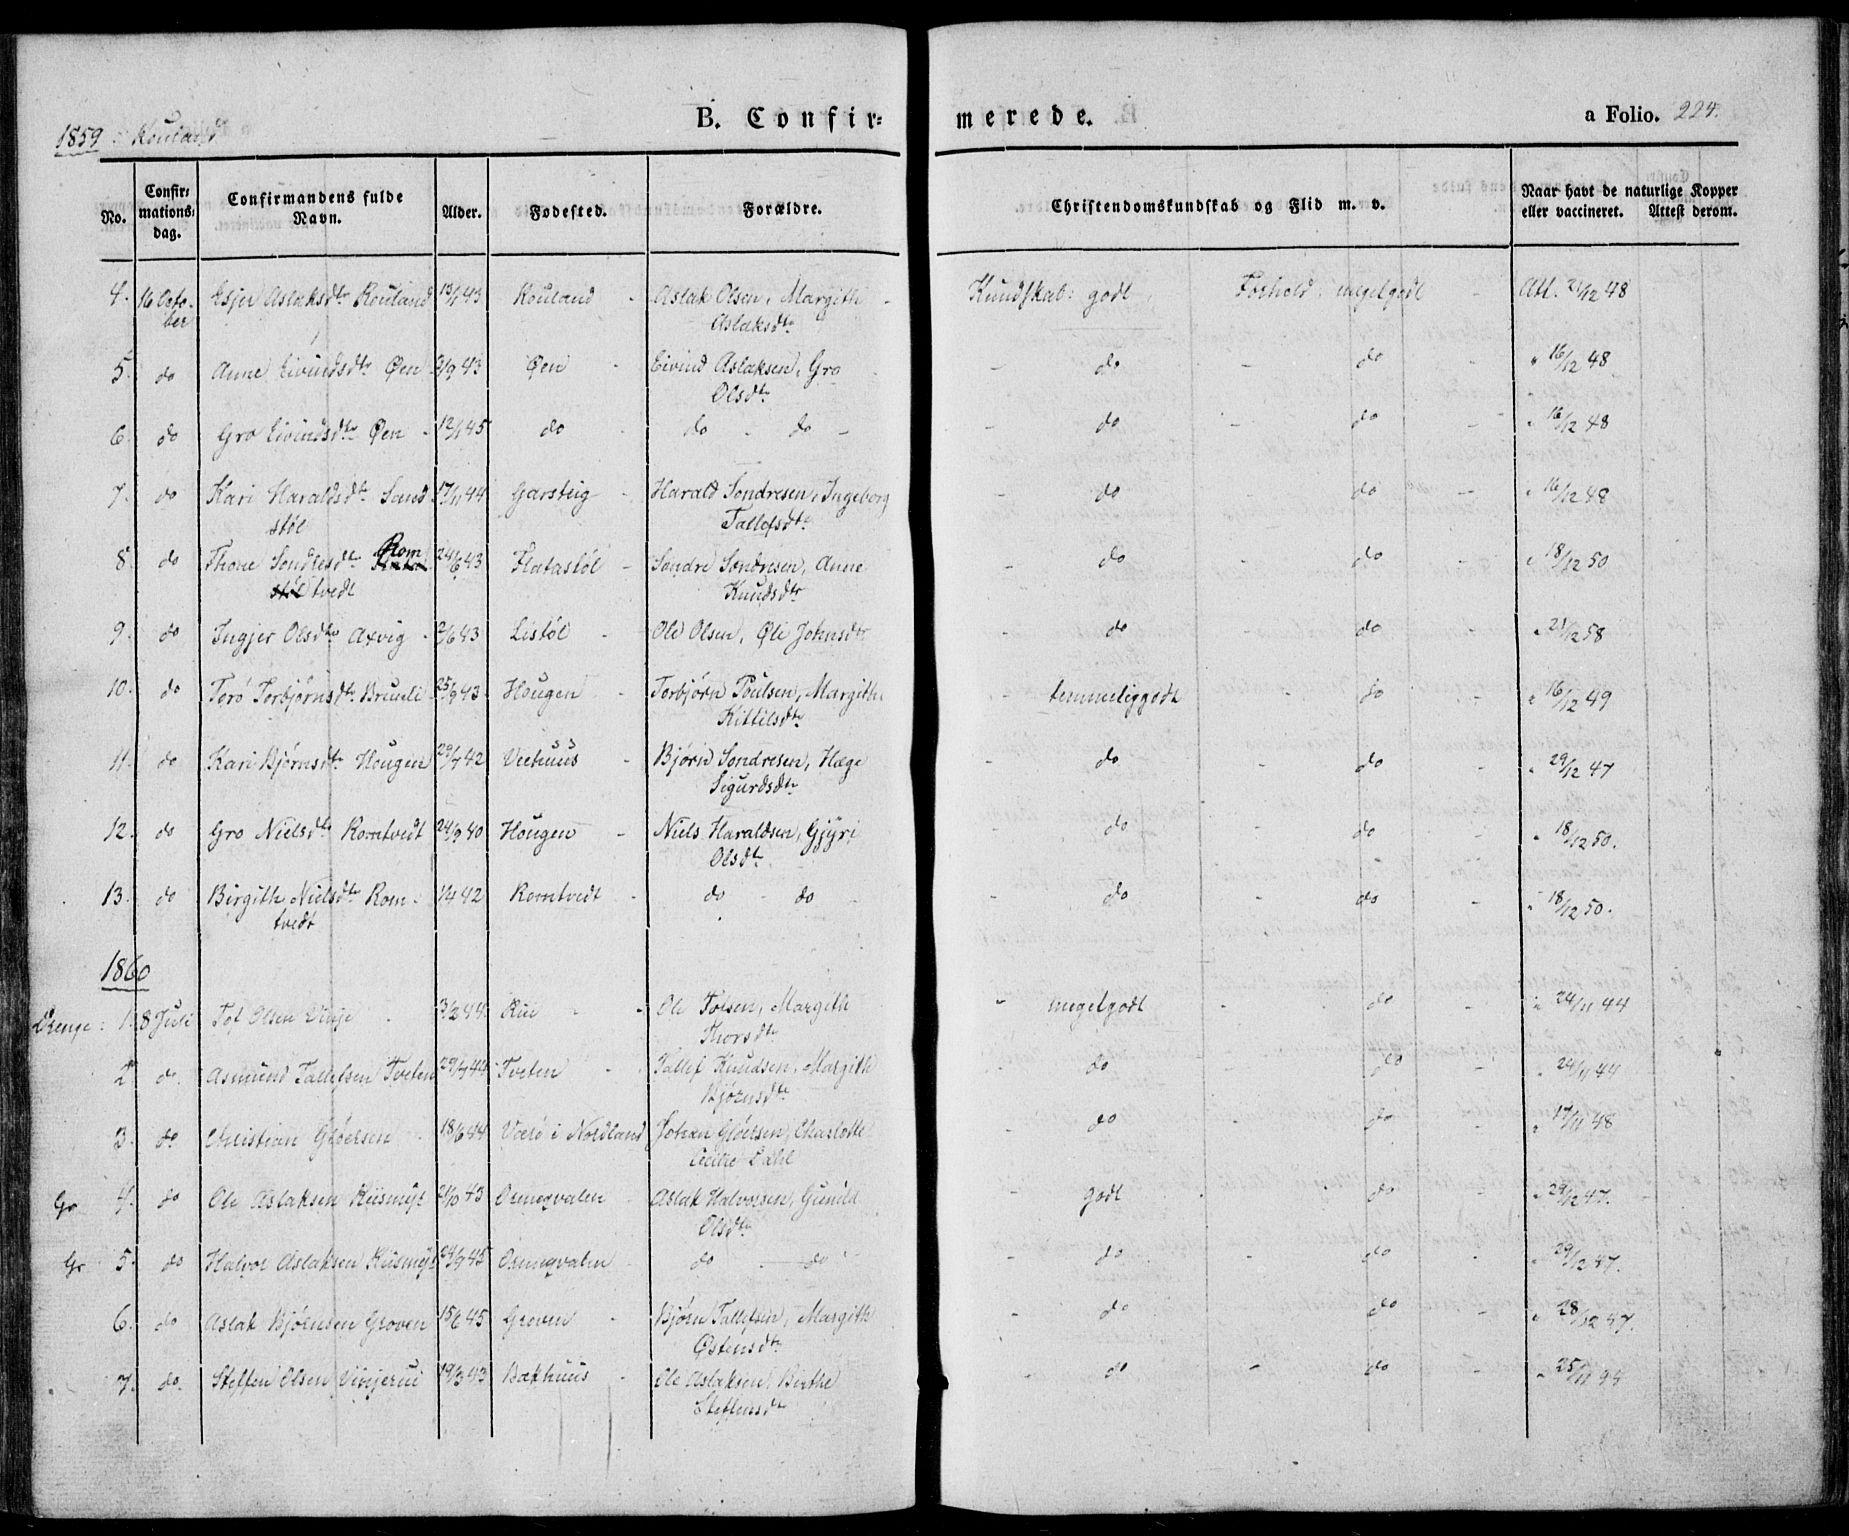 SAKO, Vinje kirkebøker, F/Fa/L0004: Ministerialbok nr. I 4, 1843-1869, s. 224